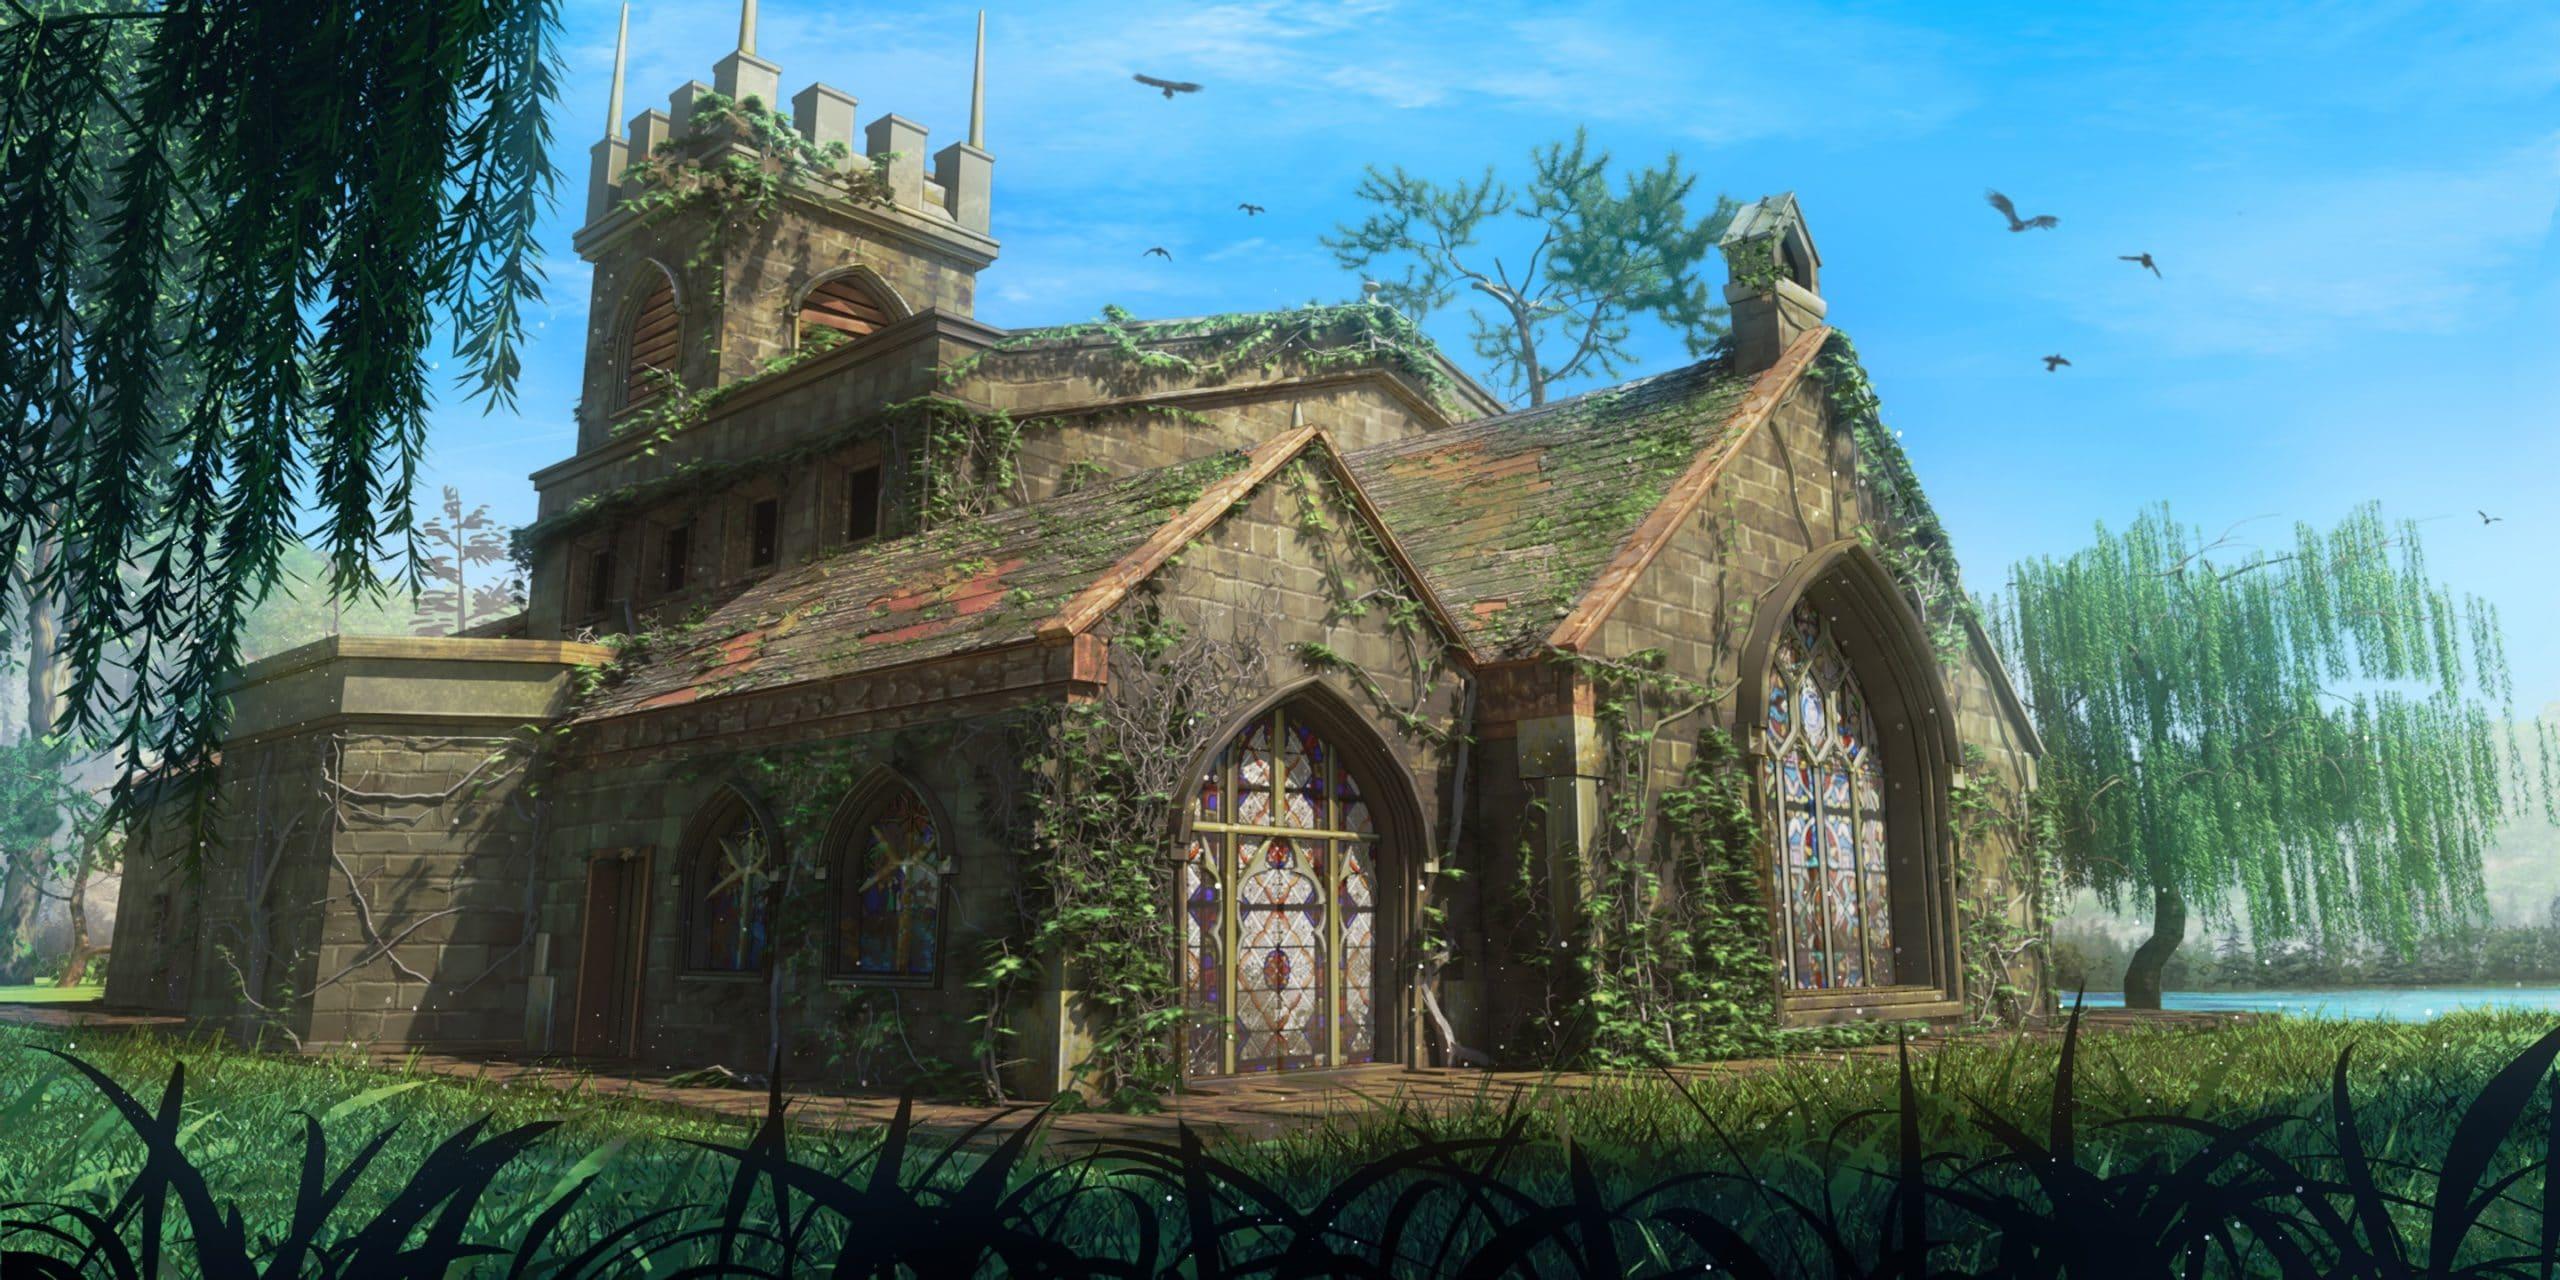 Peter personnage de Is It Love et vue d'une chapelle